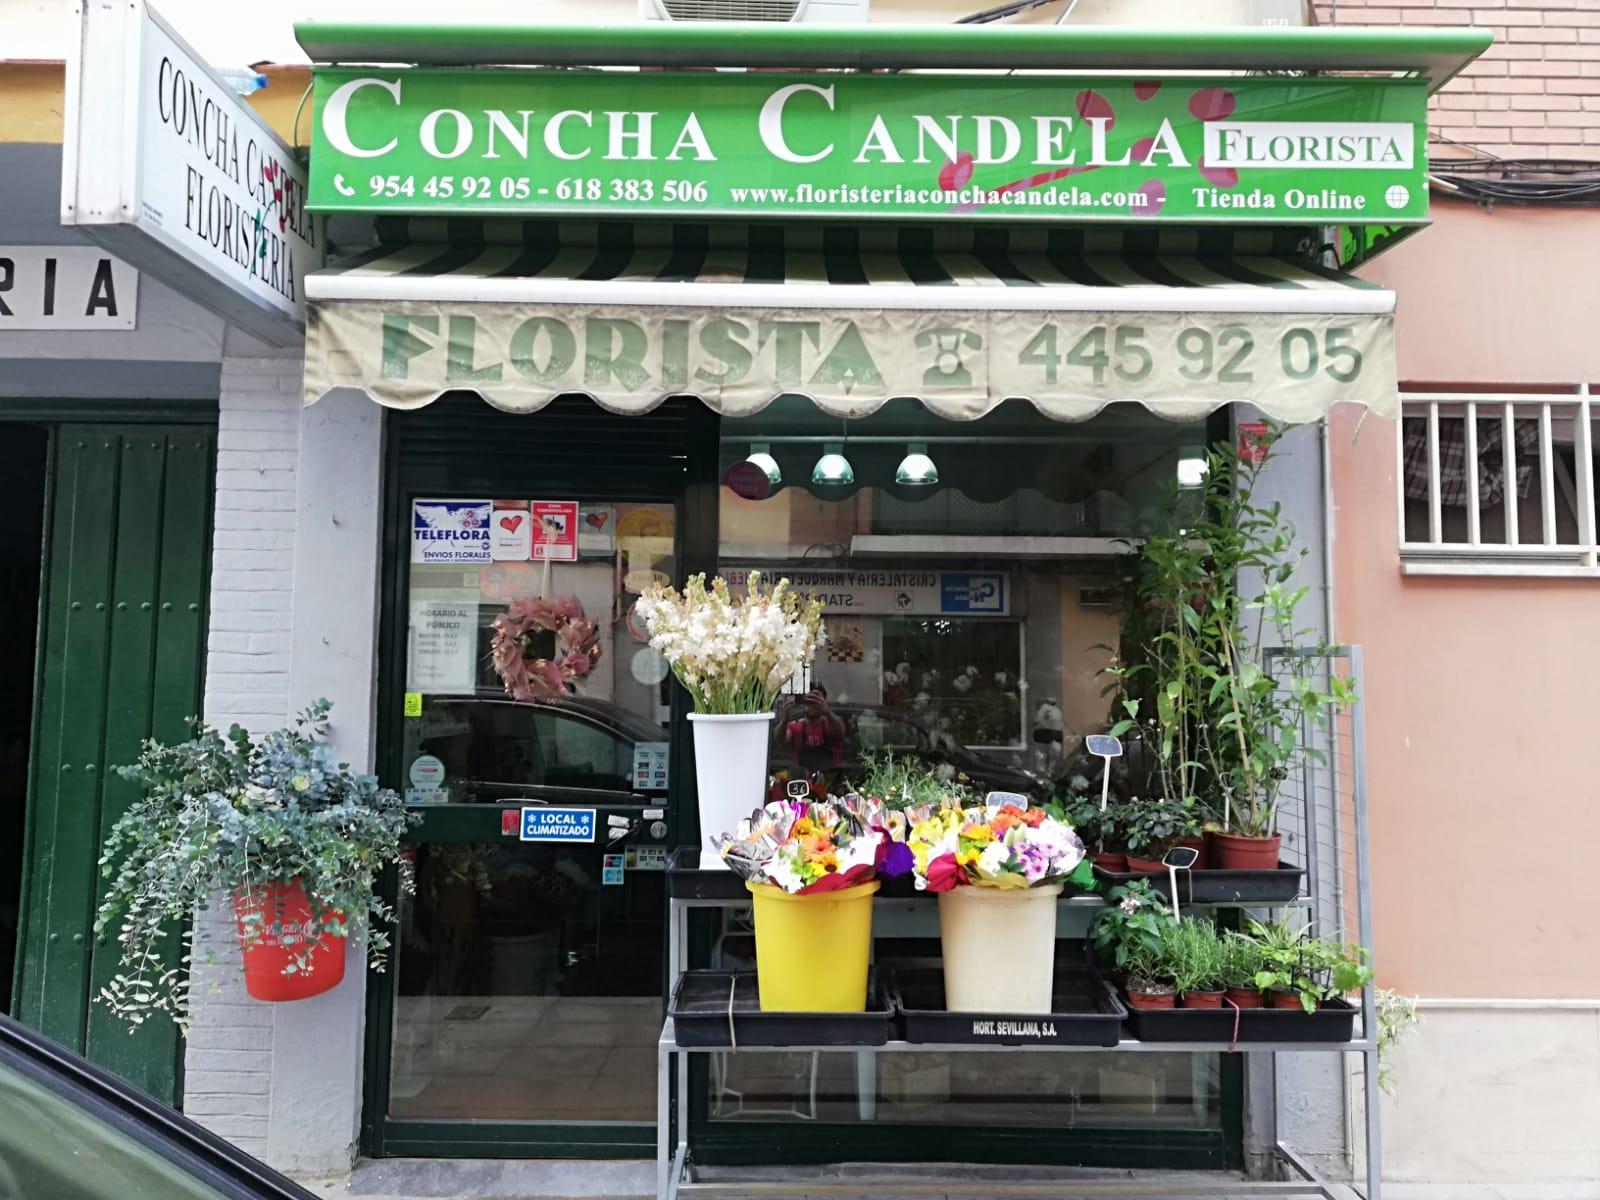 Floristería Concha Candela